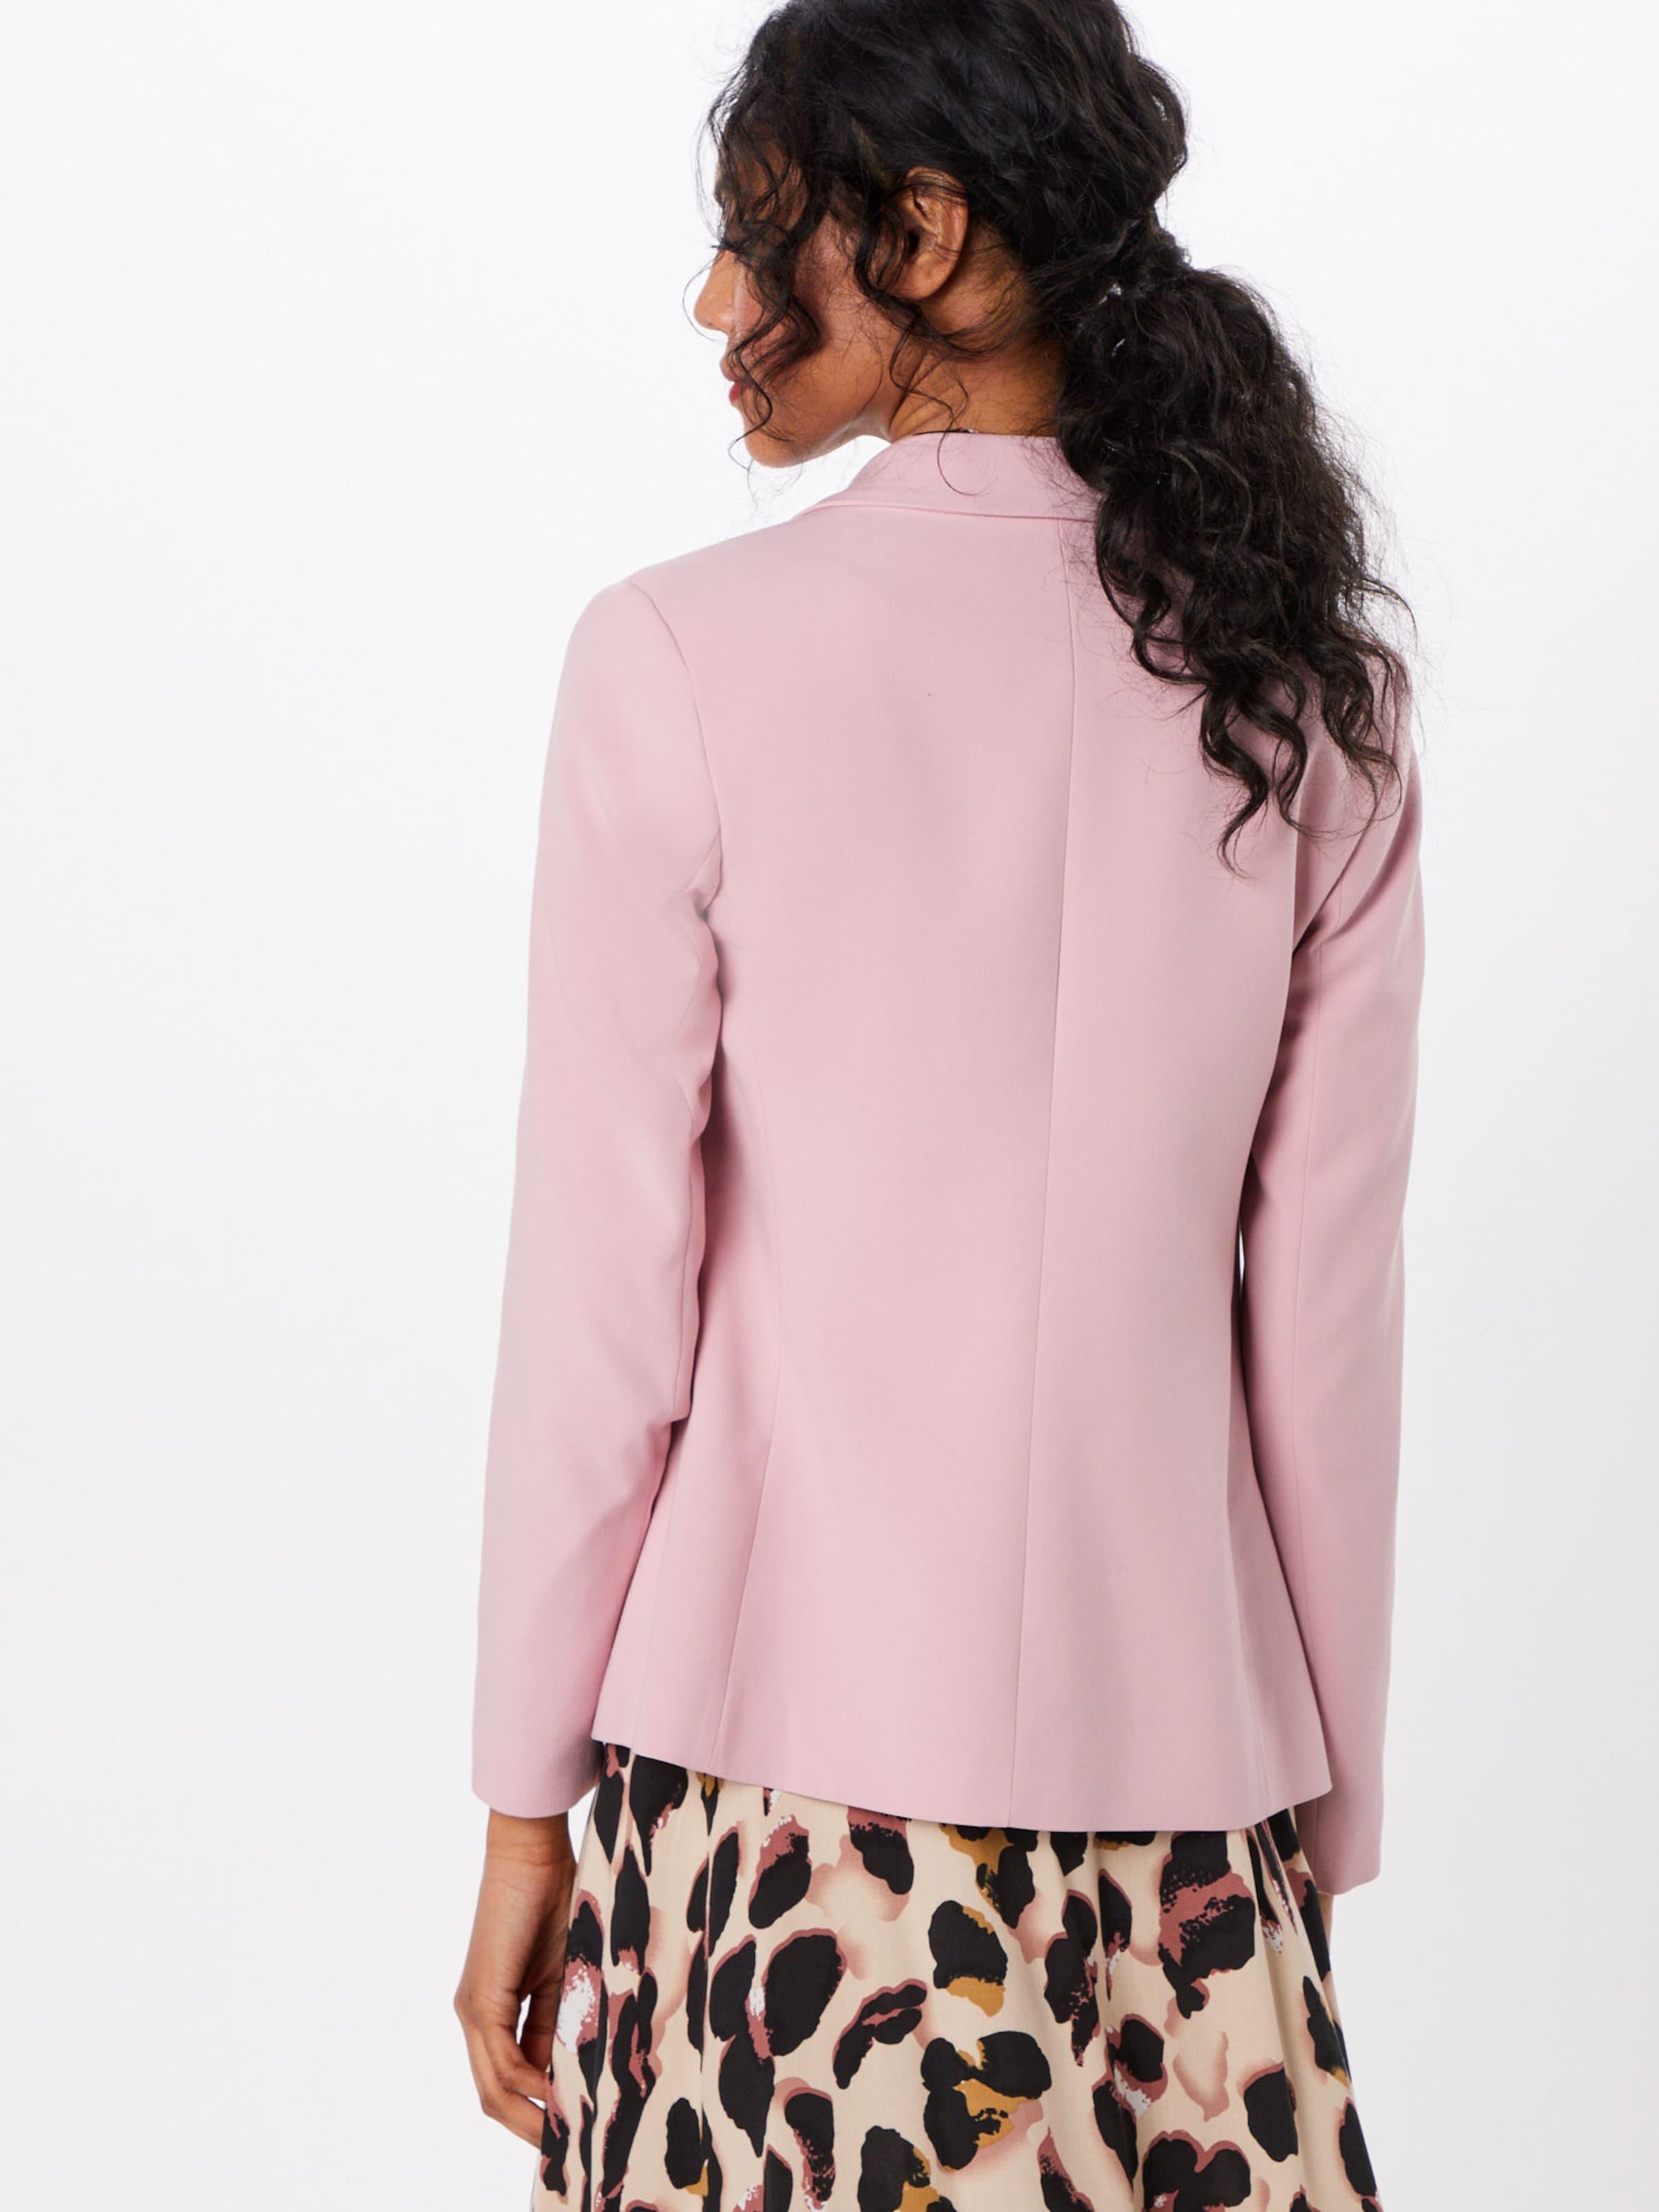 In Rosa Rosa Blazer Moreamp; Moreamp; Moreamp; In Blazer Blazer f76bgIYyv